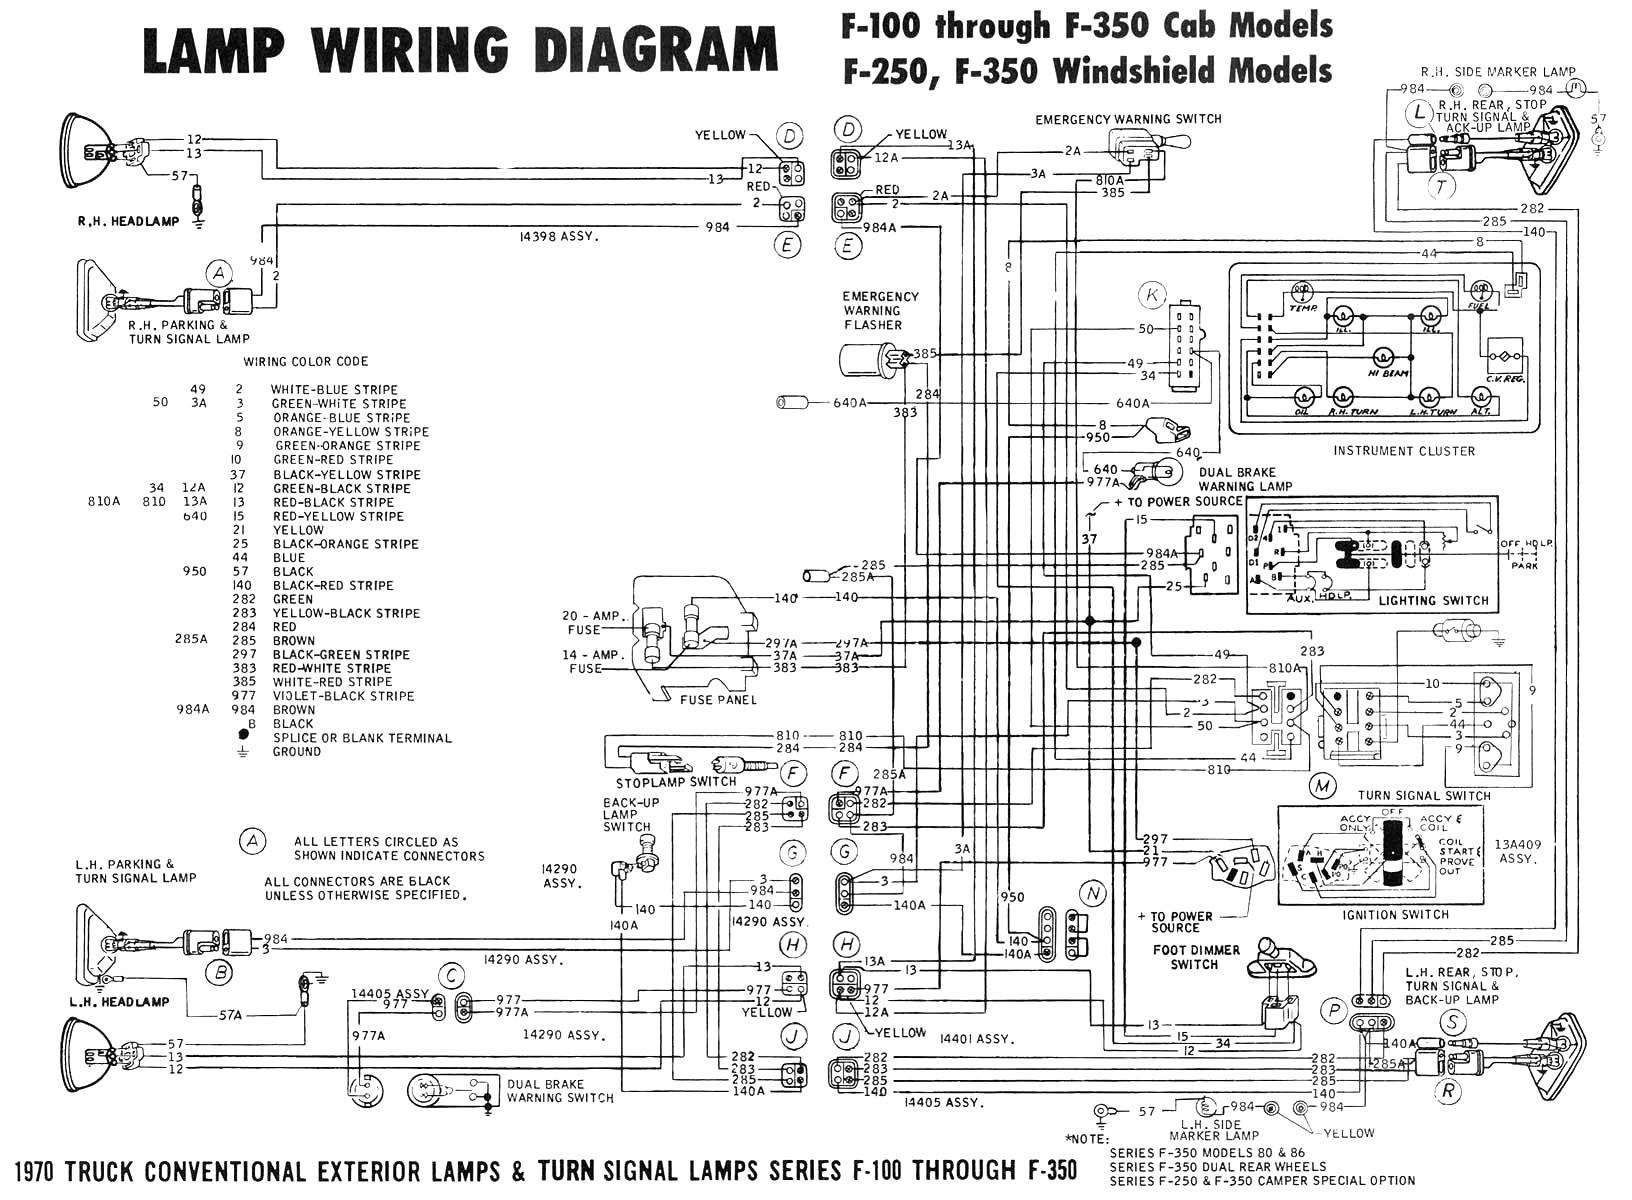 2018 ford f350 trailer wiring diagram wiring diagram today ford f 250 electrical diagram wiring diagram